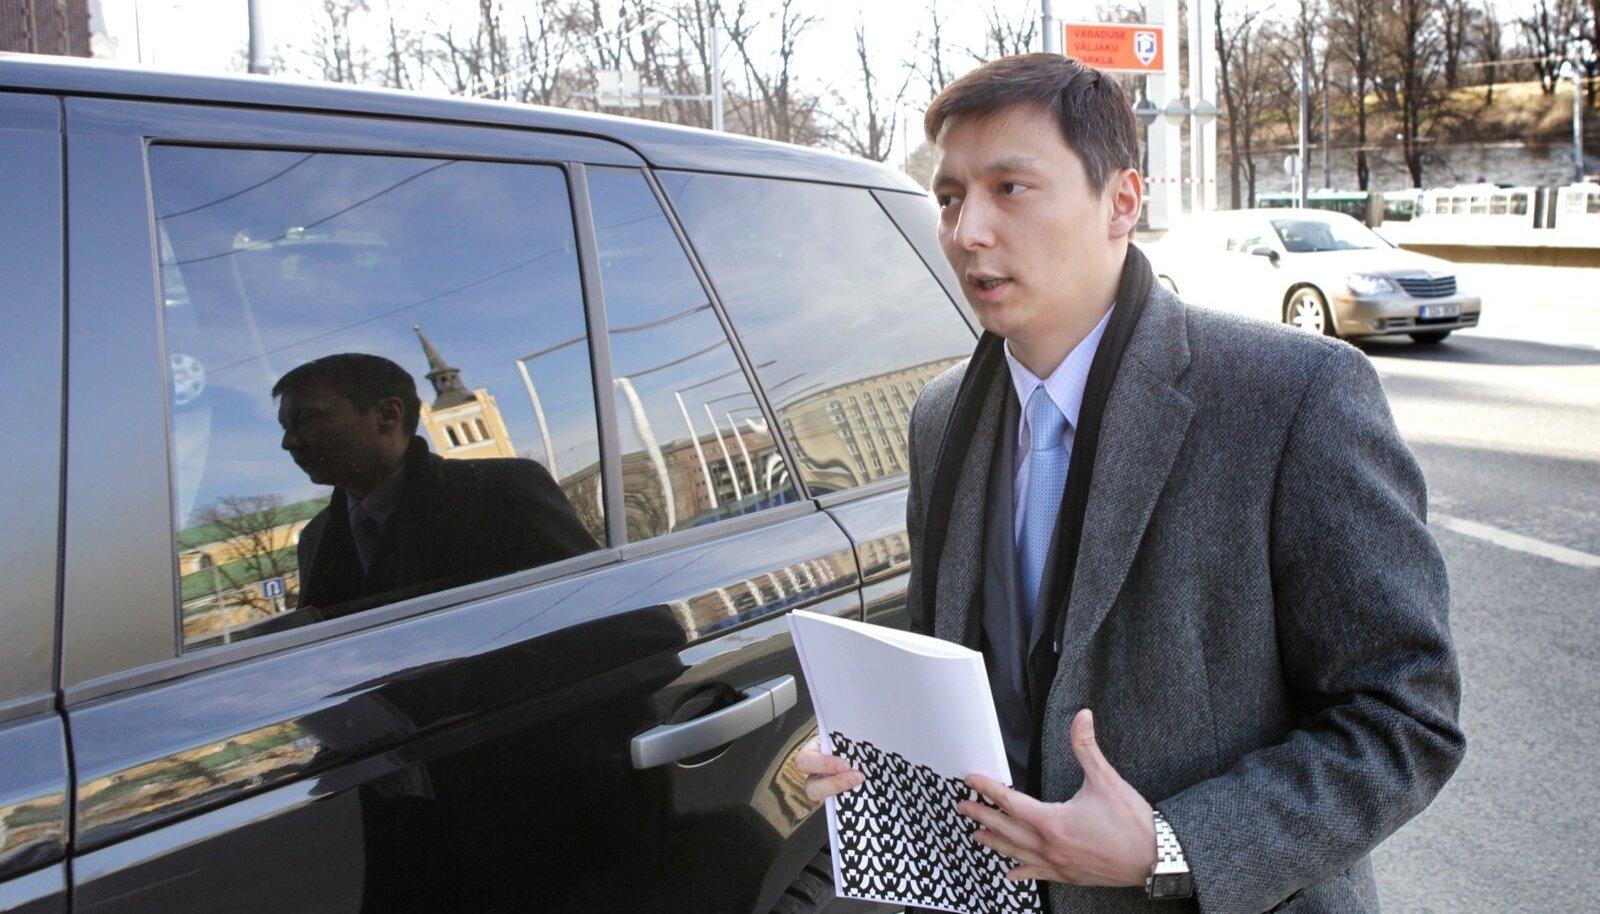 Tallinna abilinnapea Mihhail Kõlvart maksuametiga tüliõunaks kujunenud Land Roveri rooli istumas.